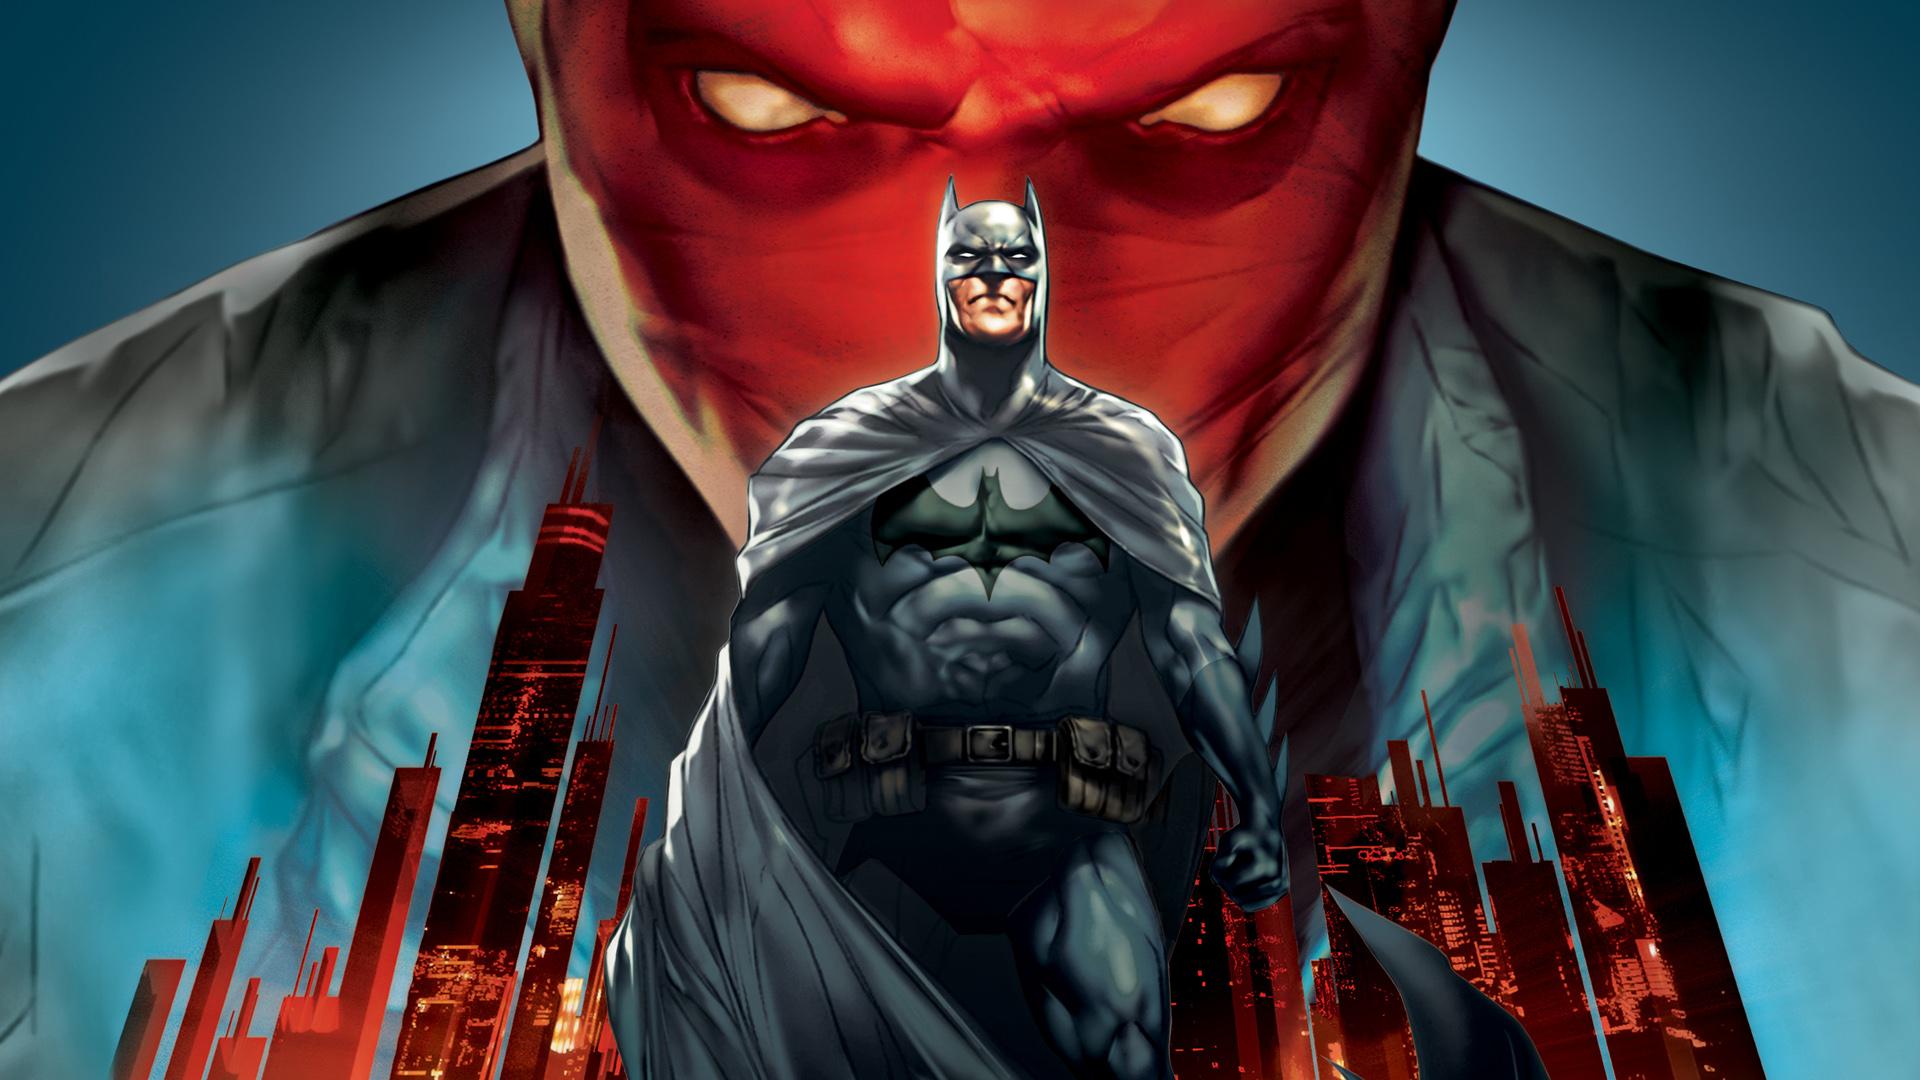 Sidekicks superheroes